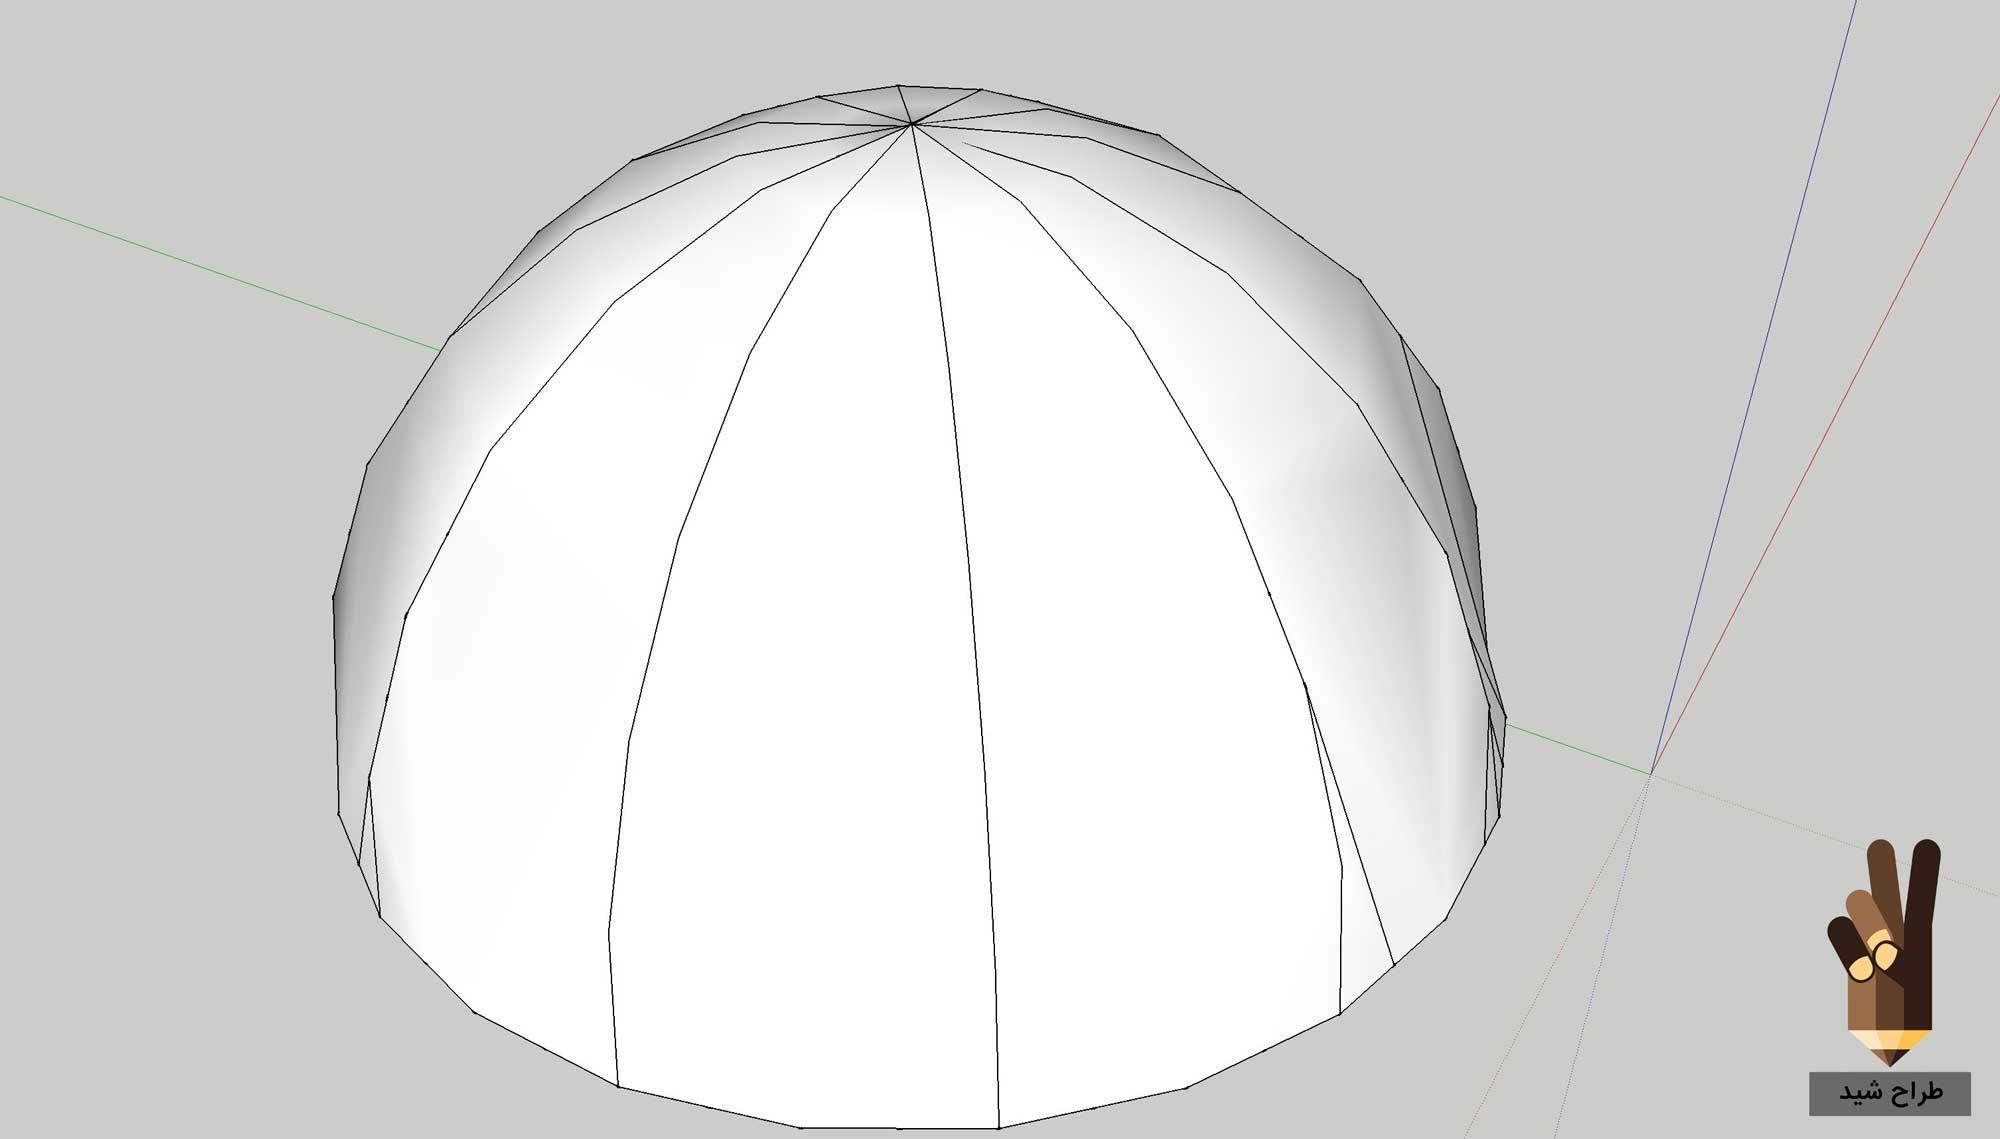 طراحی گنبد در اسکچاپ 8